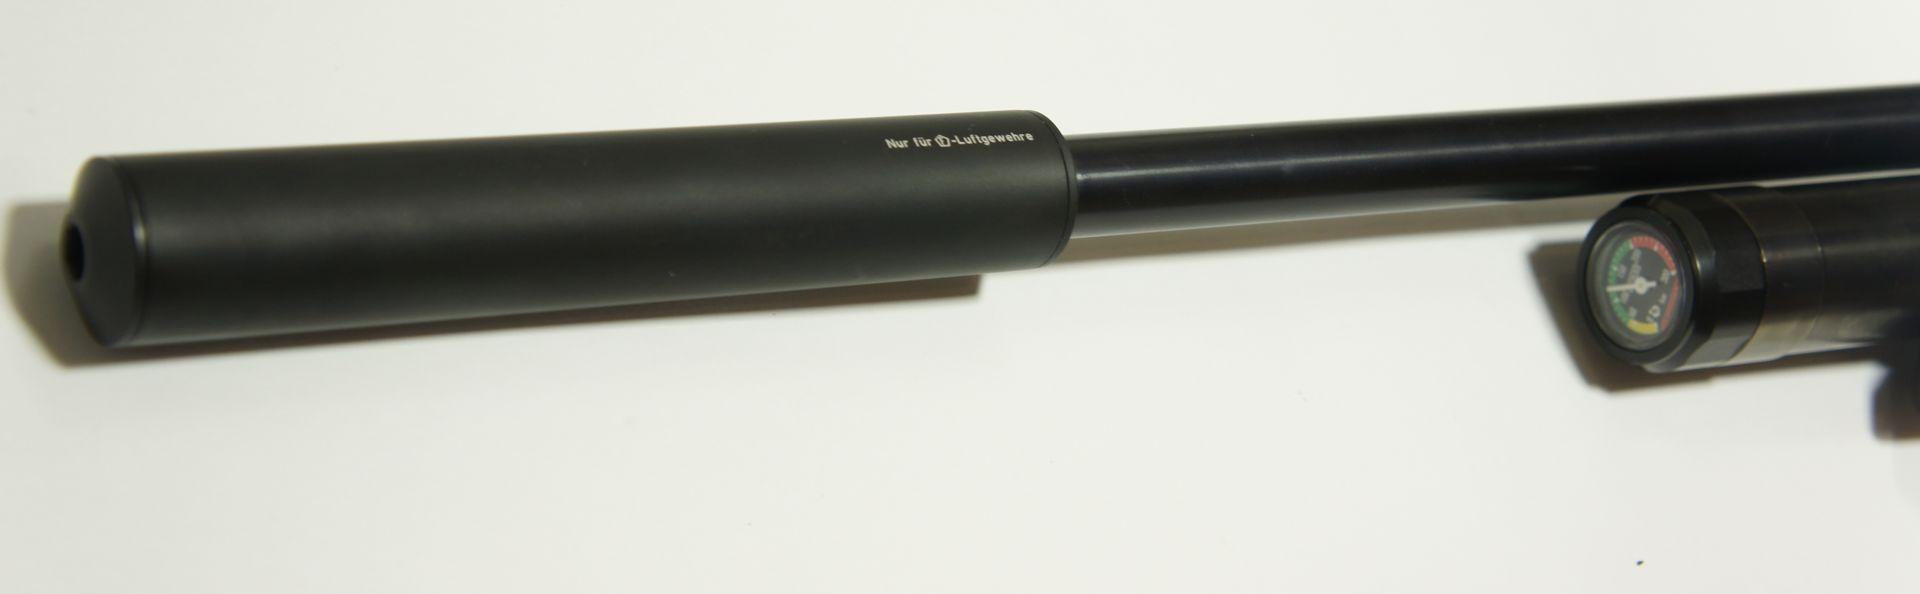 Montagebeispiel HW 100 F.S.B. mit einem zusätzlichen Schalldämpfer. So  <a href=11168816.htm> einen passenden Schalldämpfer </a>  kann ich Ihnen gerne anbieten.